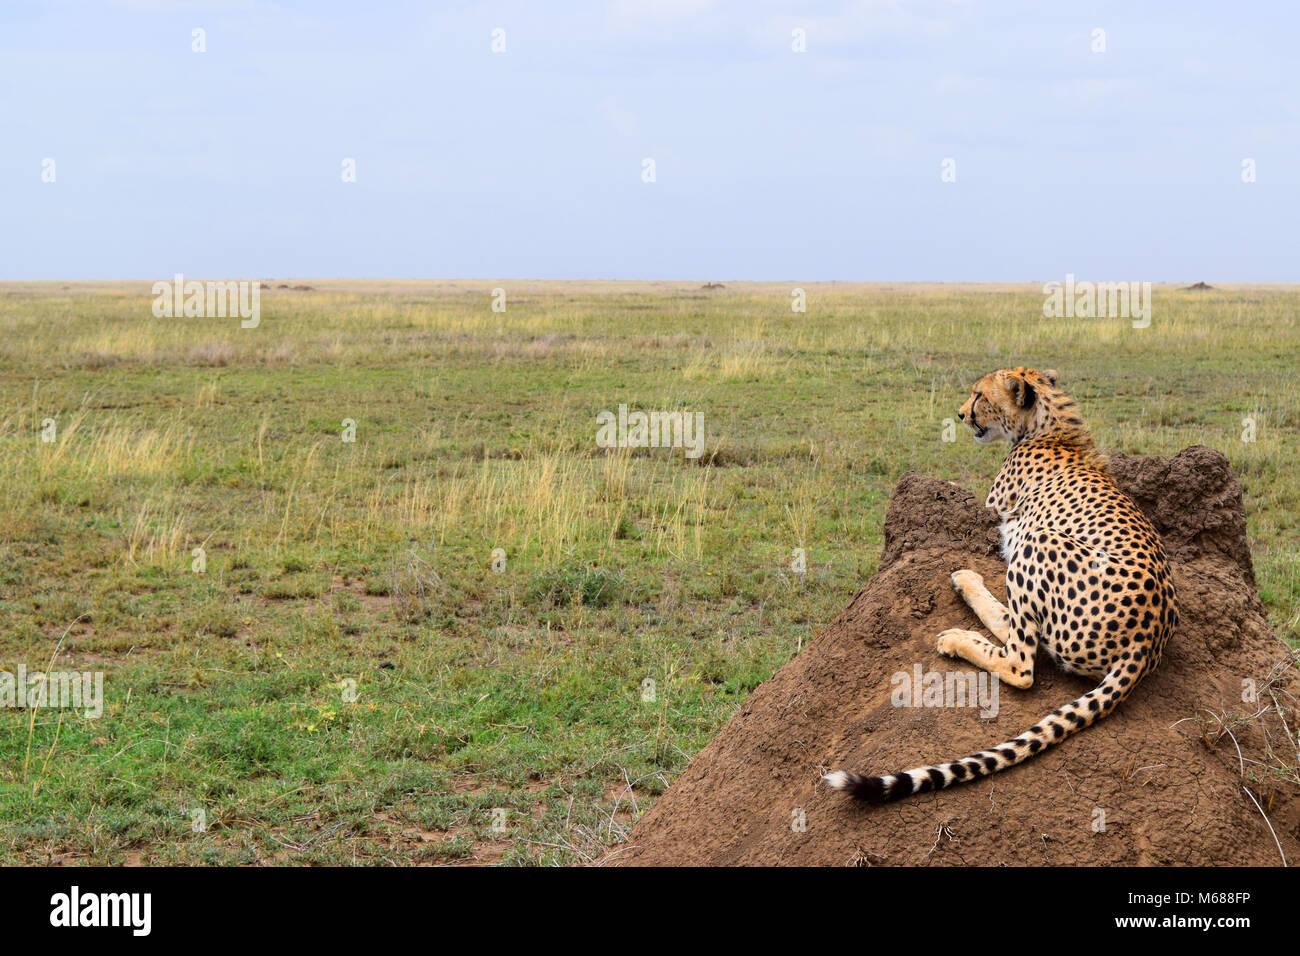 Cheetah in Serengeti, Tanzania Stock Photo